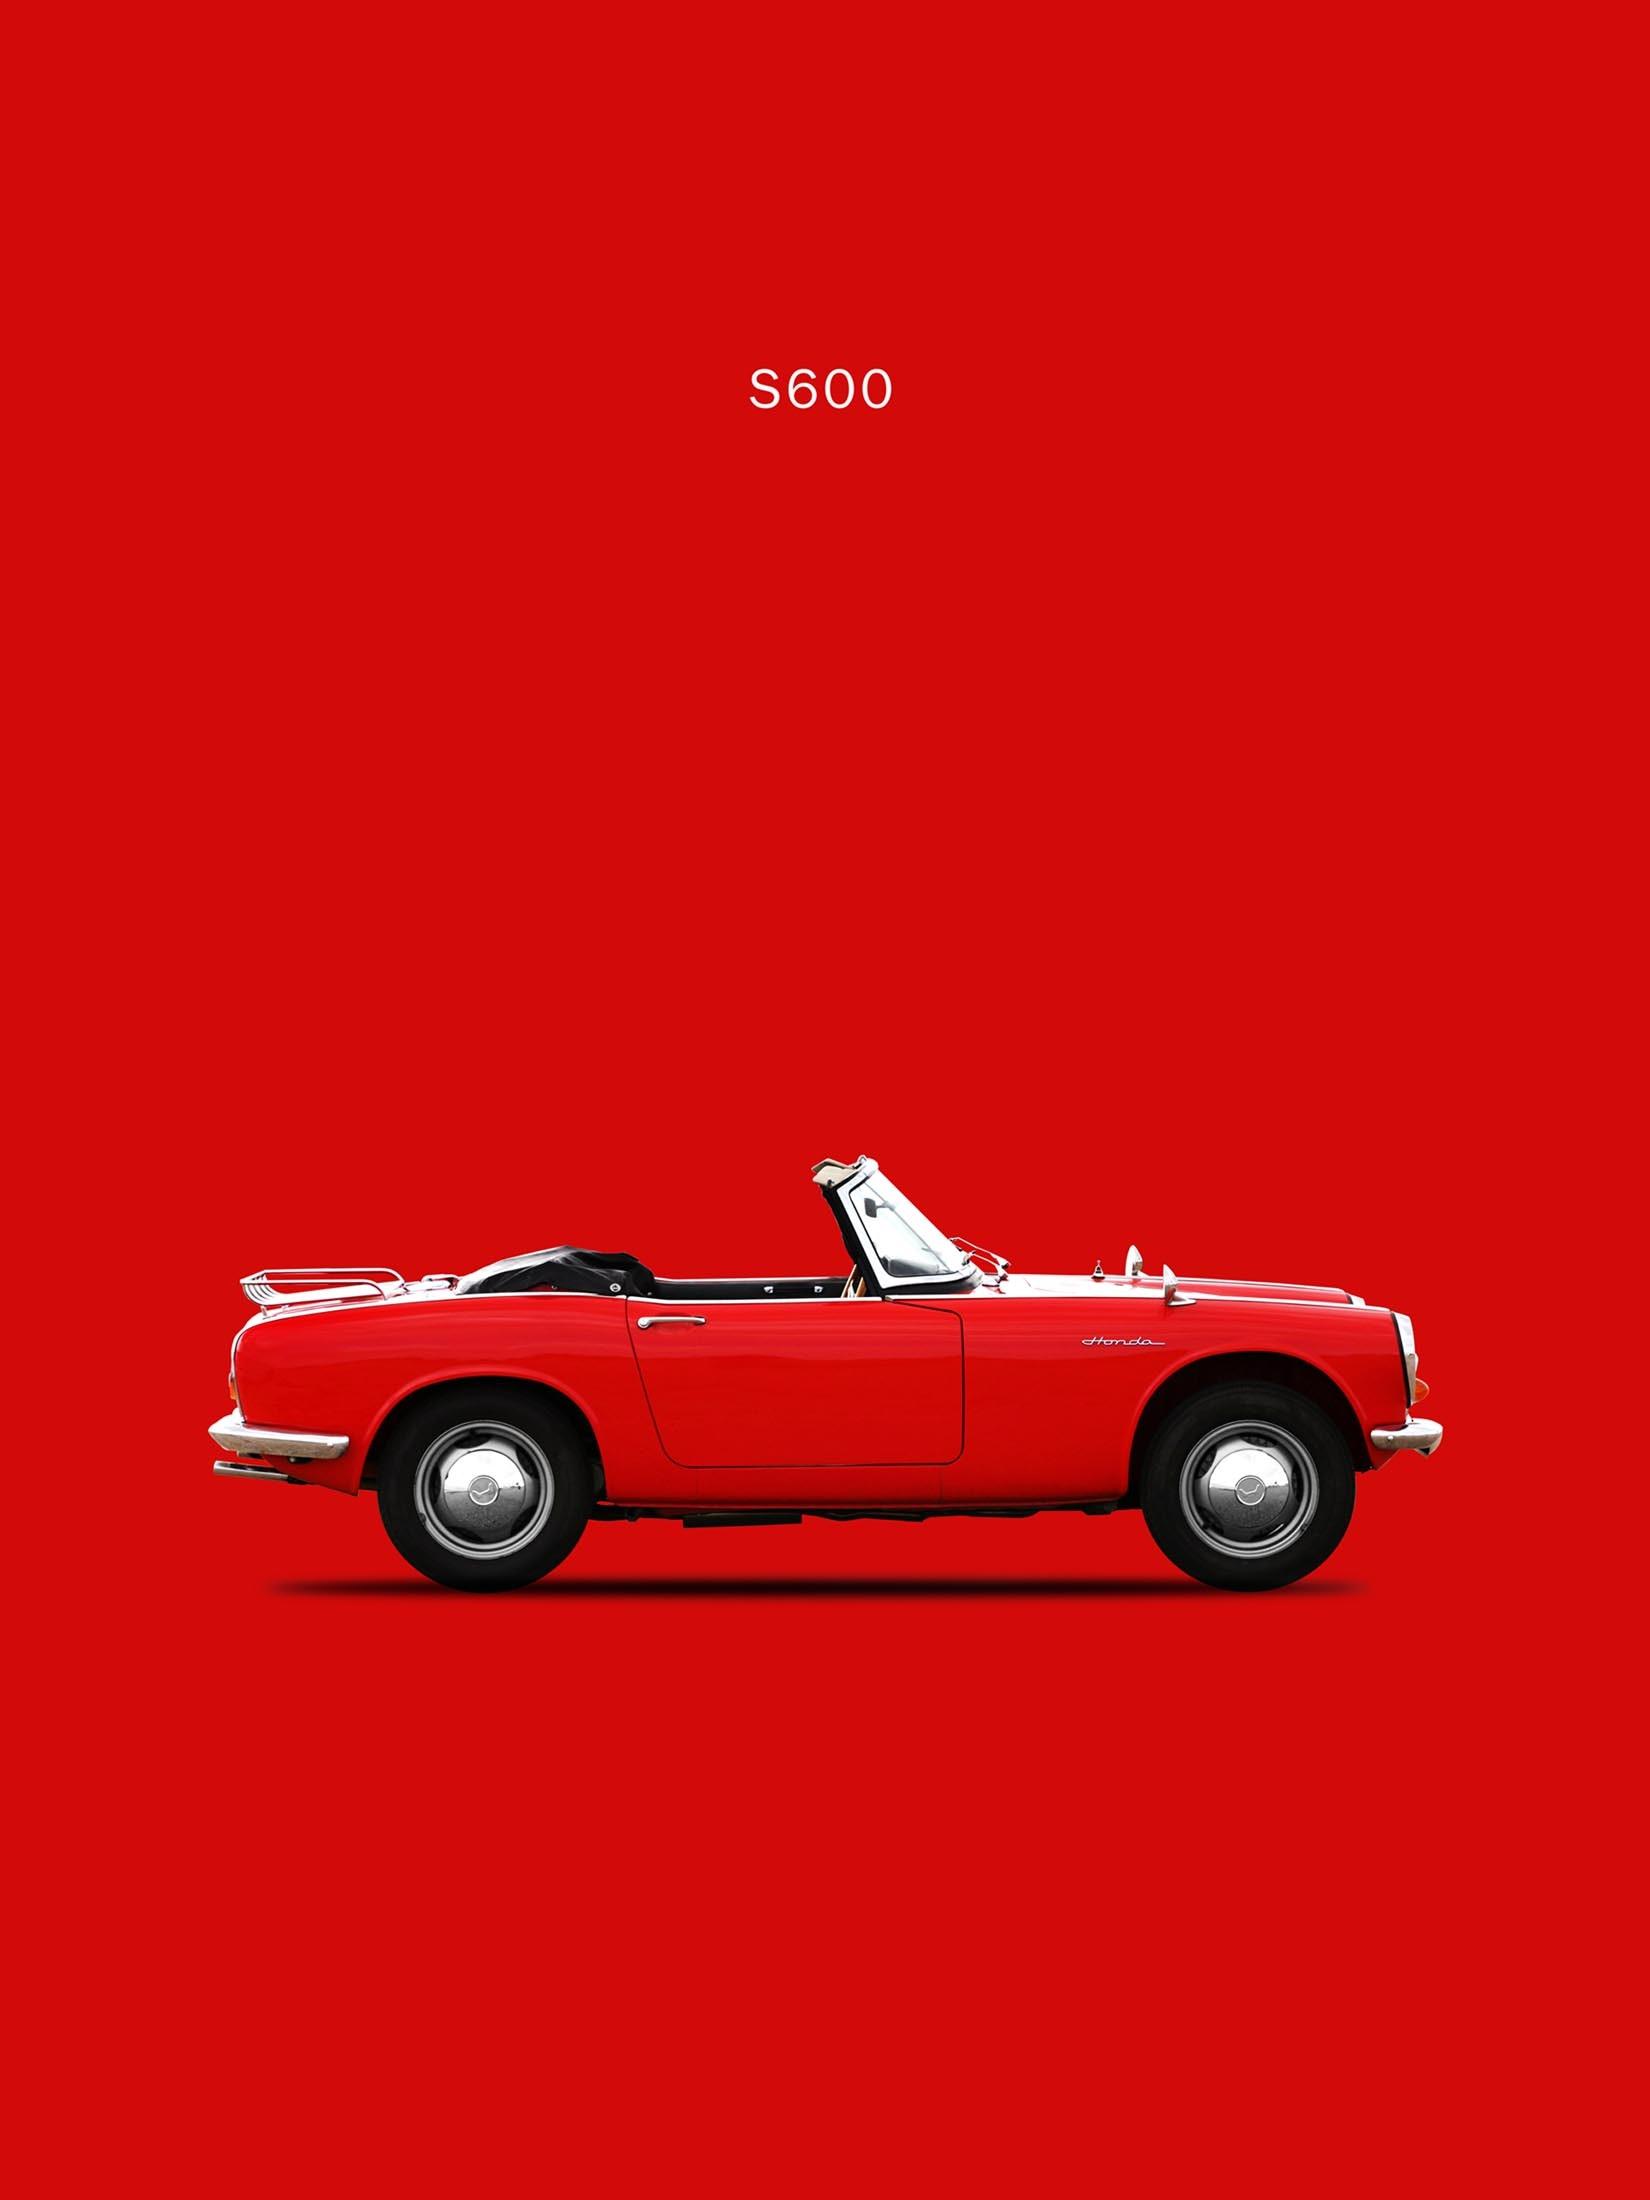 Honda S600 1966